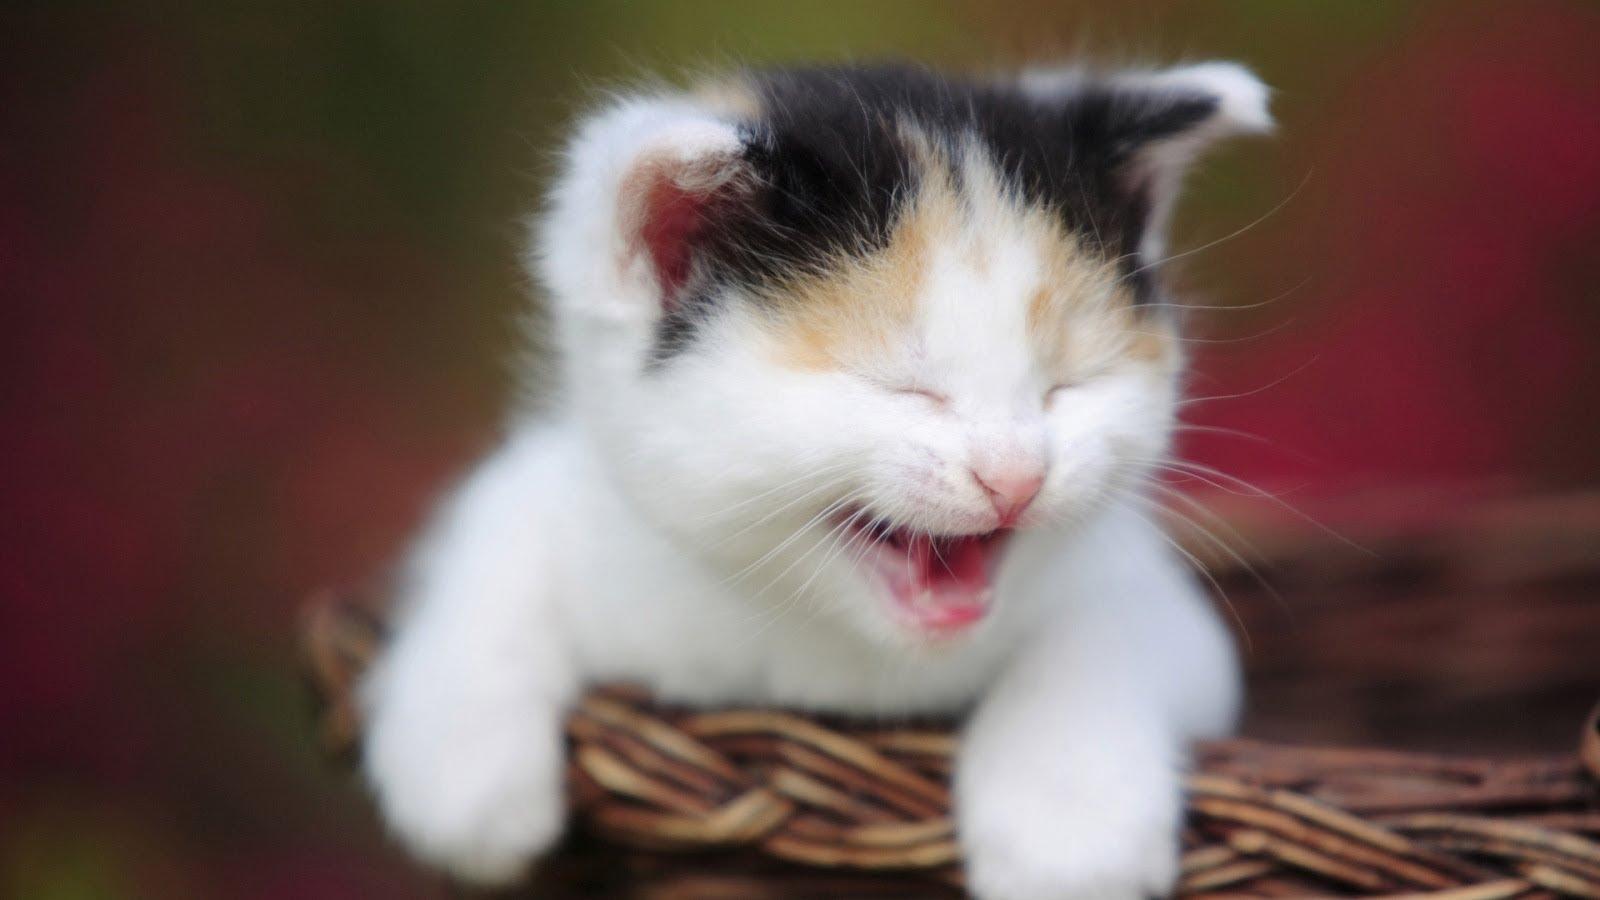 صوره صور قطط مضحكة , ابتسم مع الحركات المضحكة لاشقي القطط.